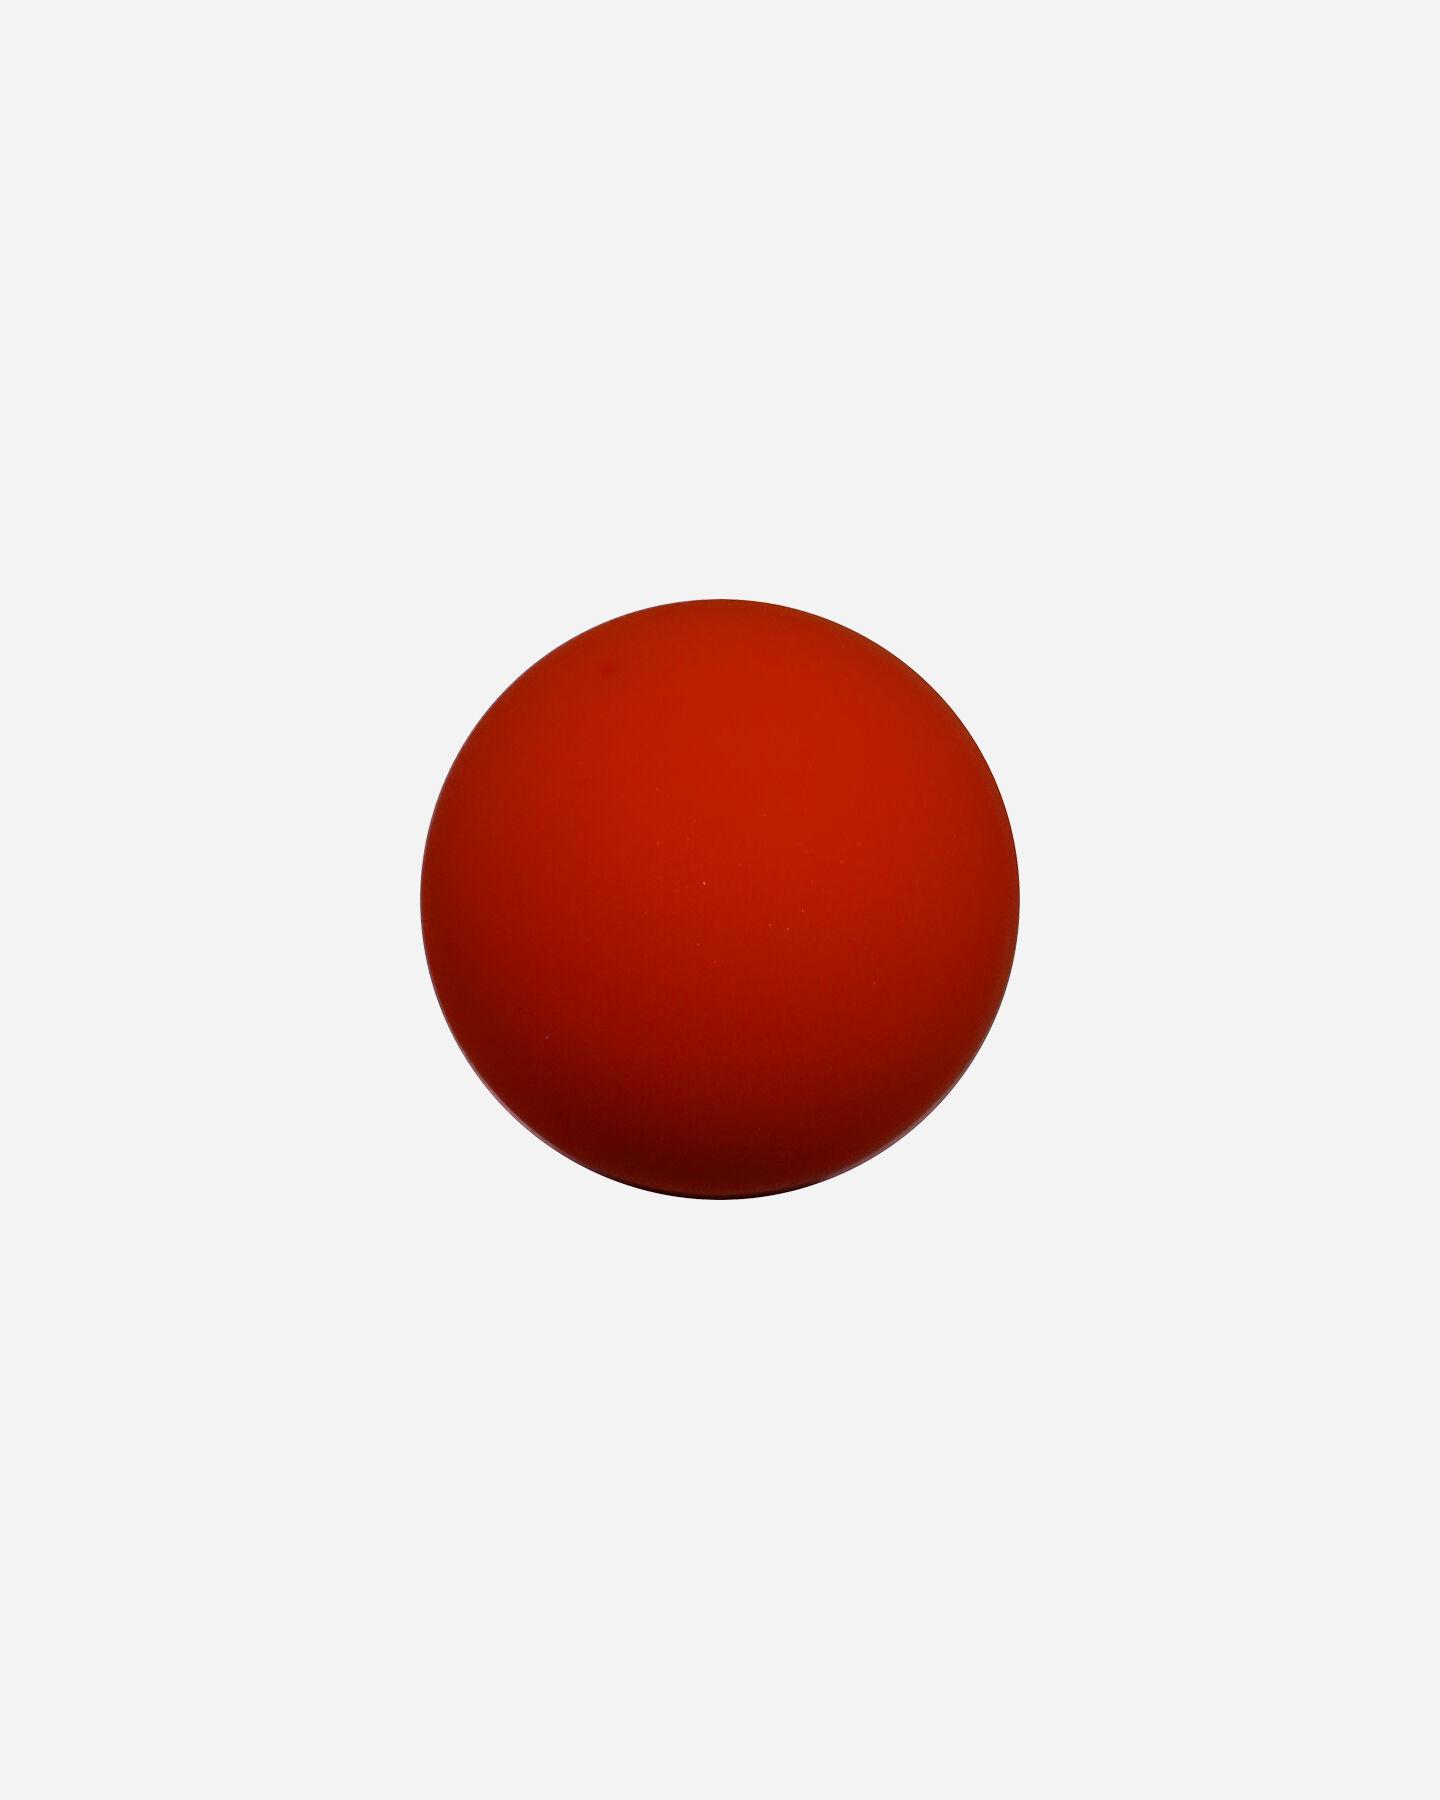 Pallone sport vari ATABIANO PALLE SPUGNA D70 3PZ S4001909 1 UNI scatto 2